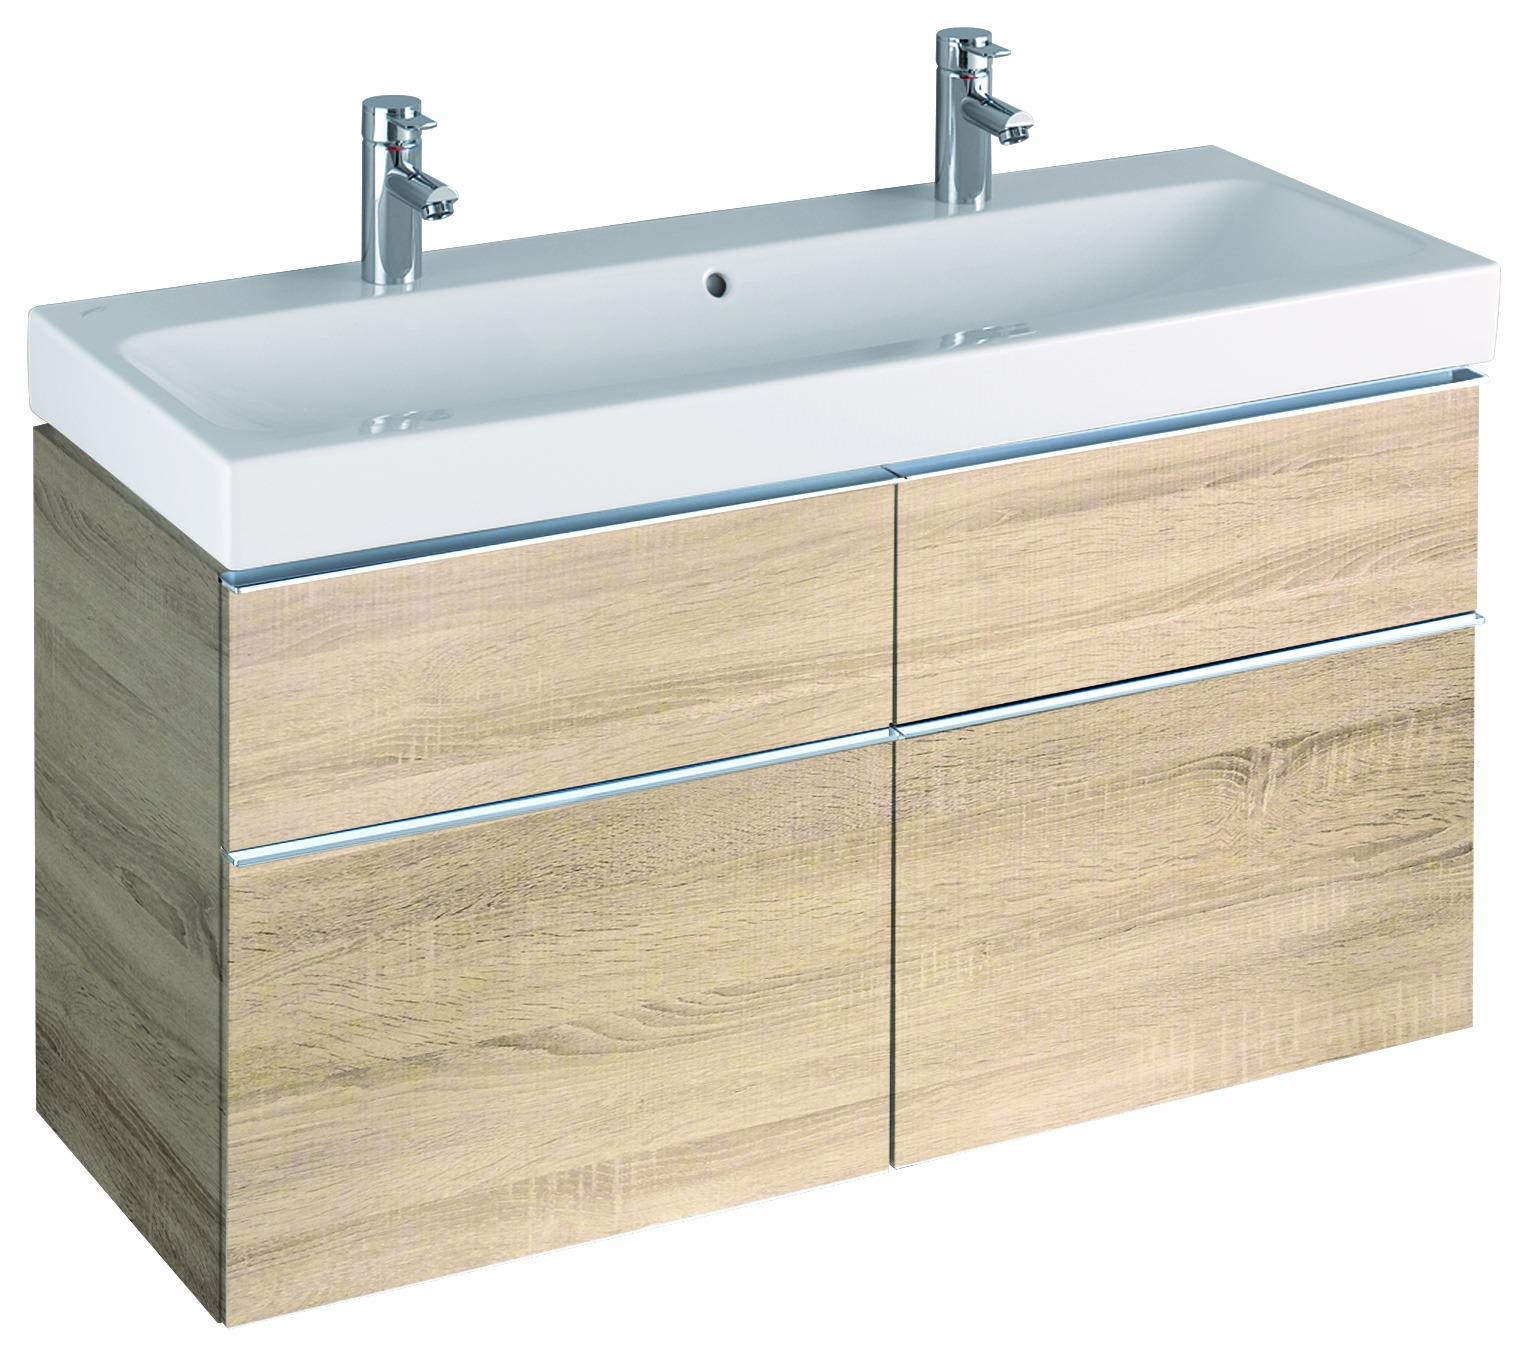 keramag icon waschtischunterschrank 1190x620x477mm holzstruktur eiche natur 841422000. Black Bedroom Furniture Sets. Home Design Ideas